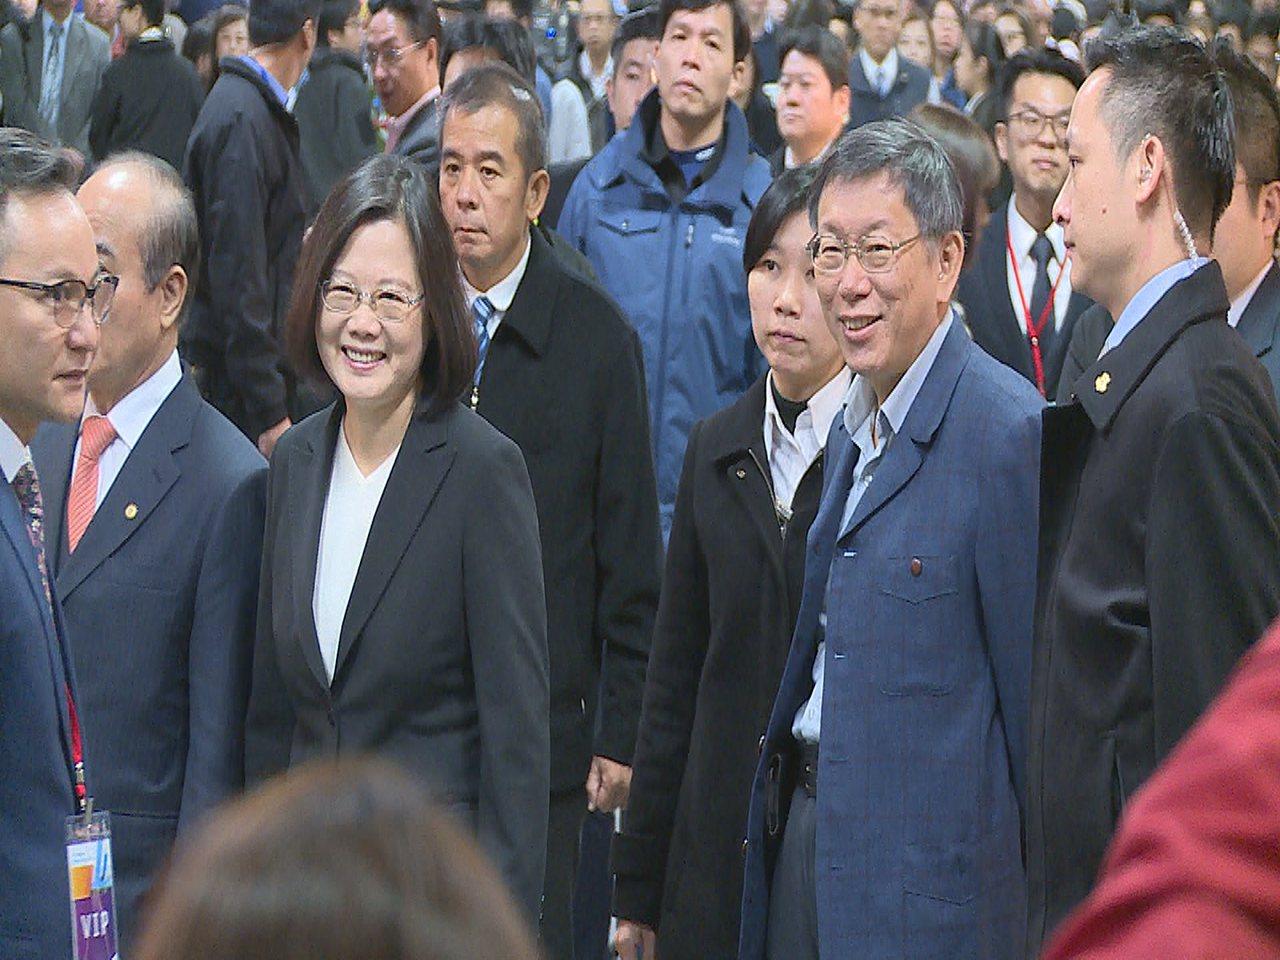 蔡英文與柯文哲共同出席台灣醫療科技展。記者陳煜彬/攝影